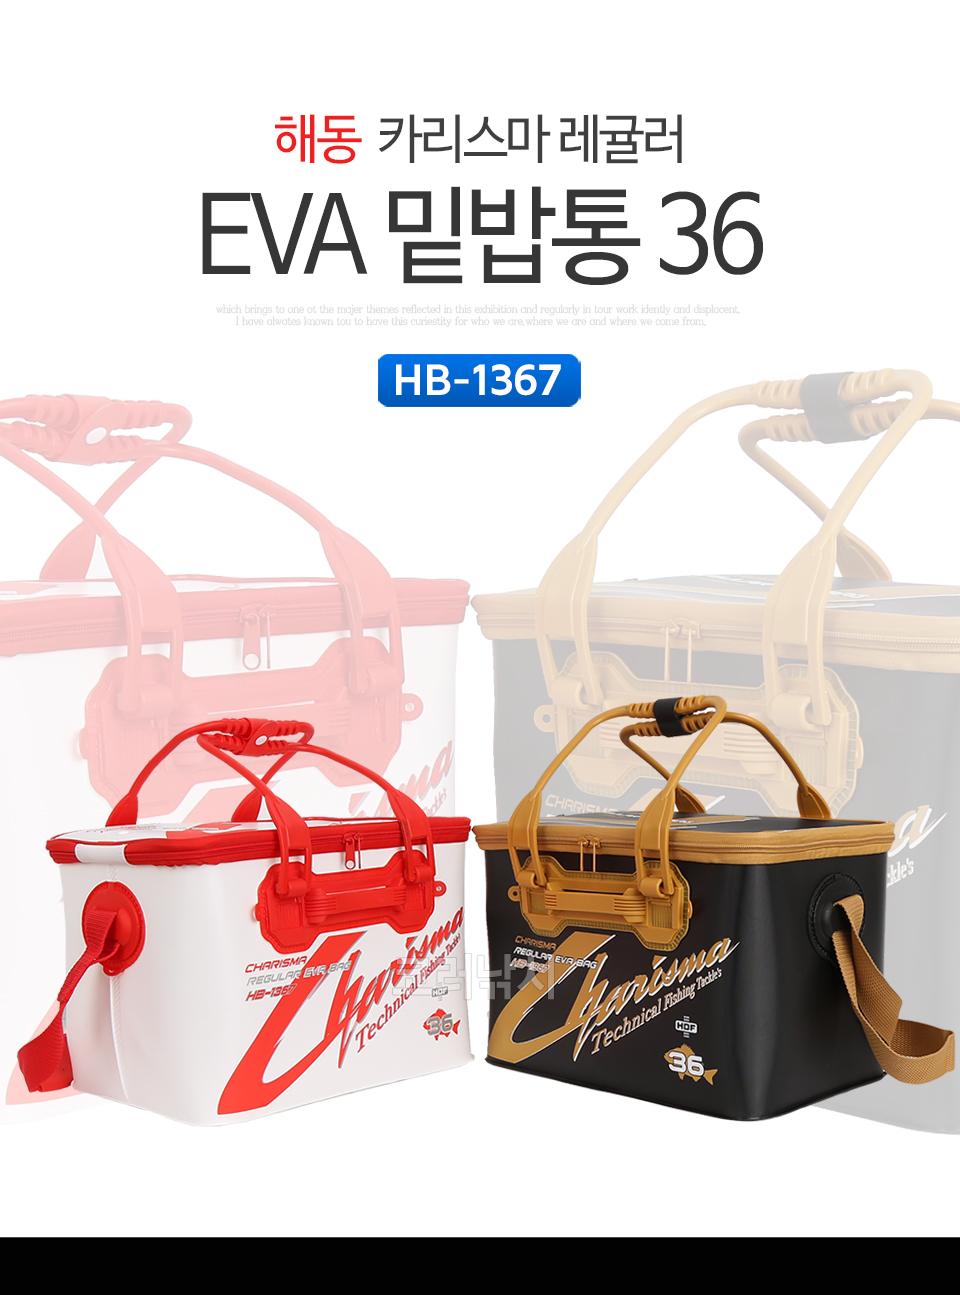 해동 카리스마 레귤러 EVA 밑밥통 36 (HB-1367) 밑밥통 살림통 삐꾸통 마끼통